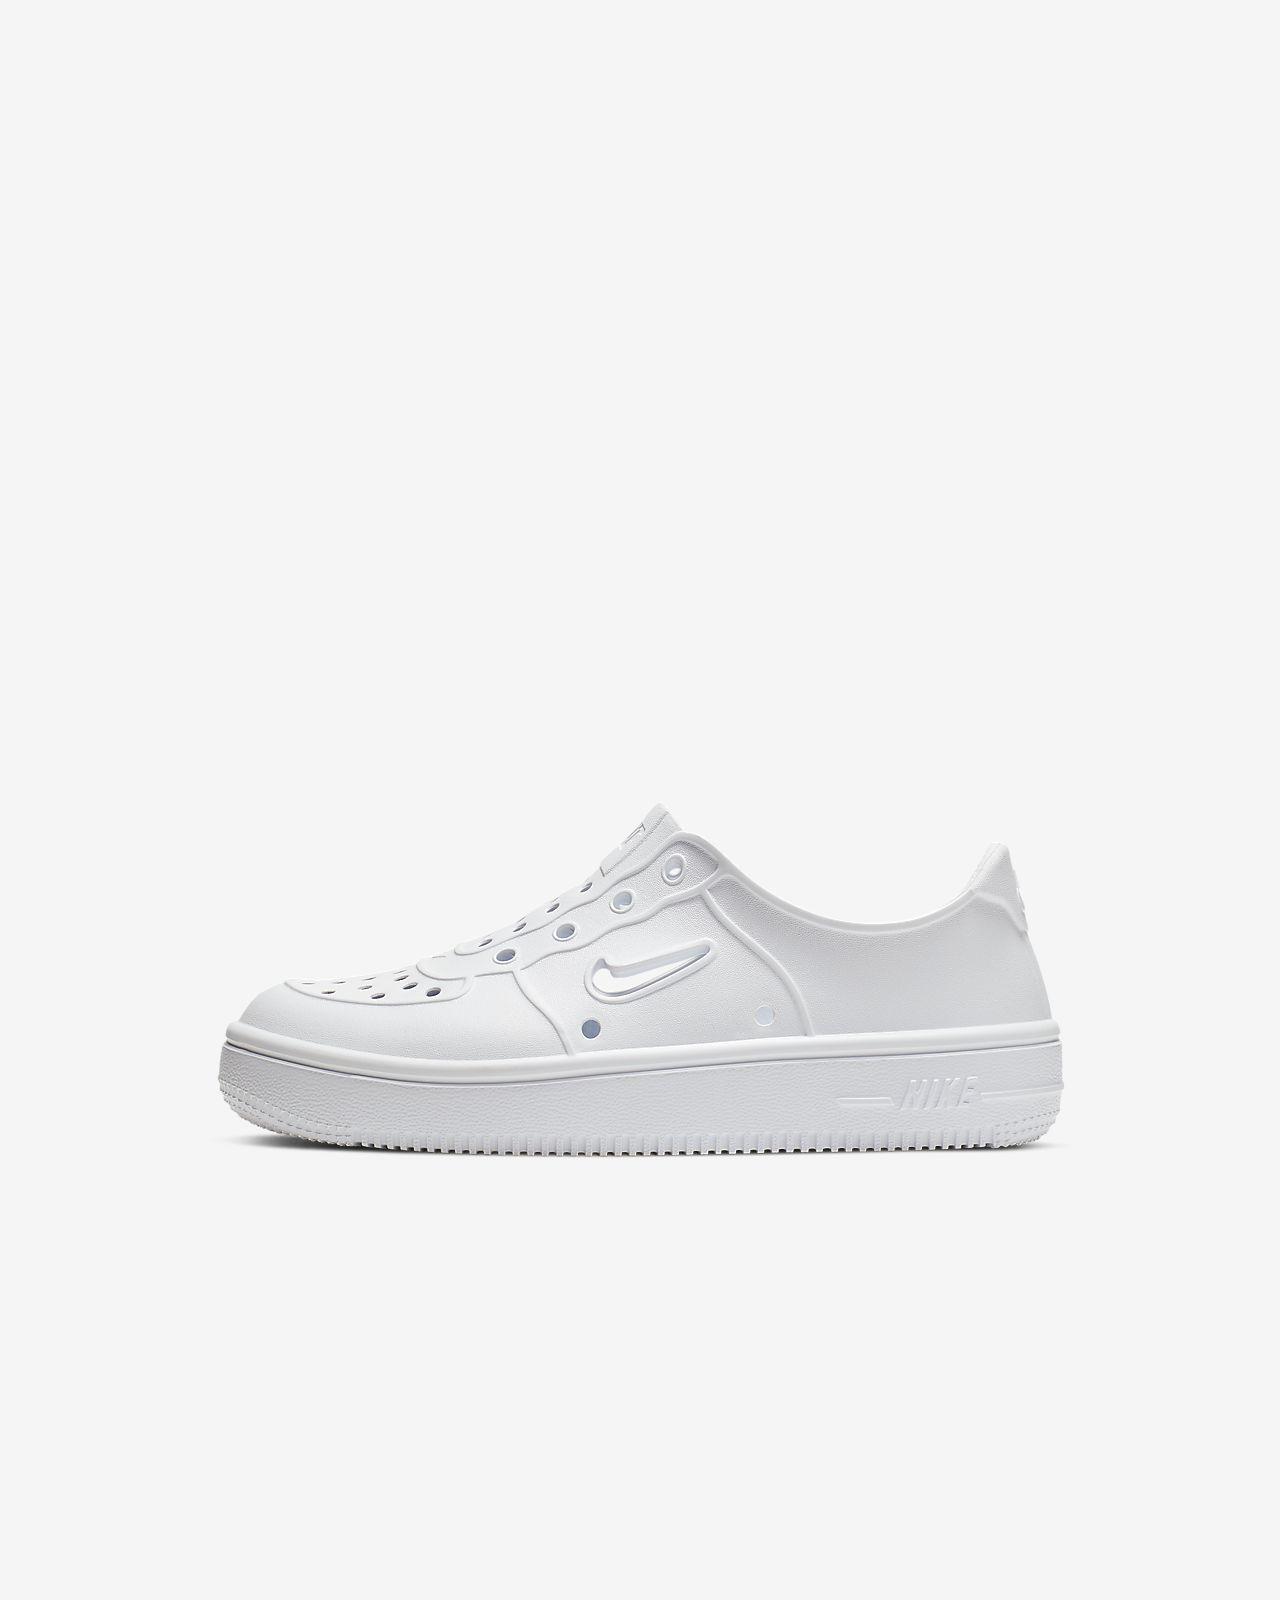 Παπούτσι Nike Foam Force 1 για μικρά παιδιά